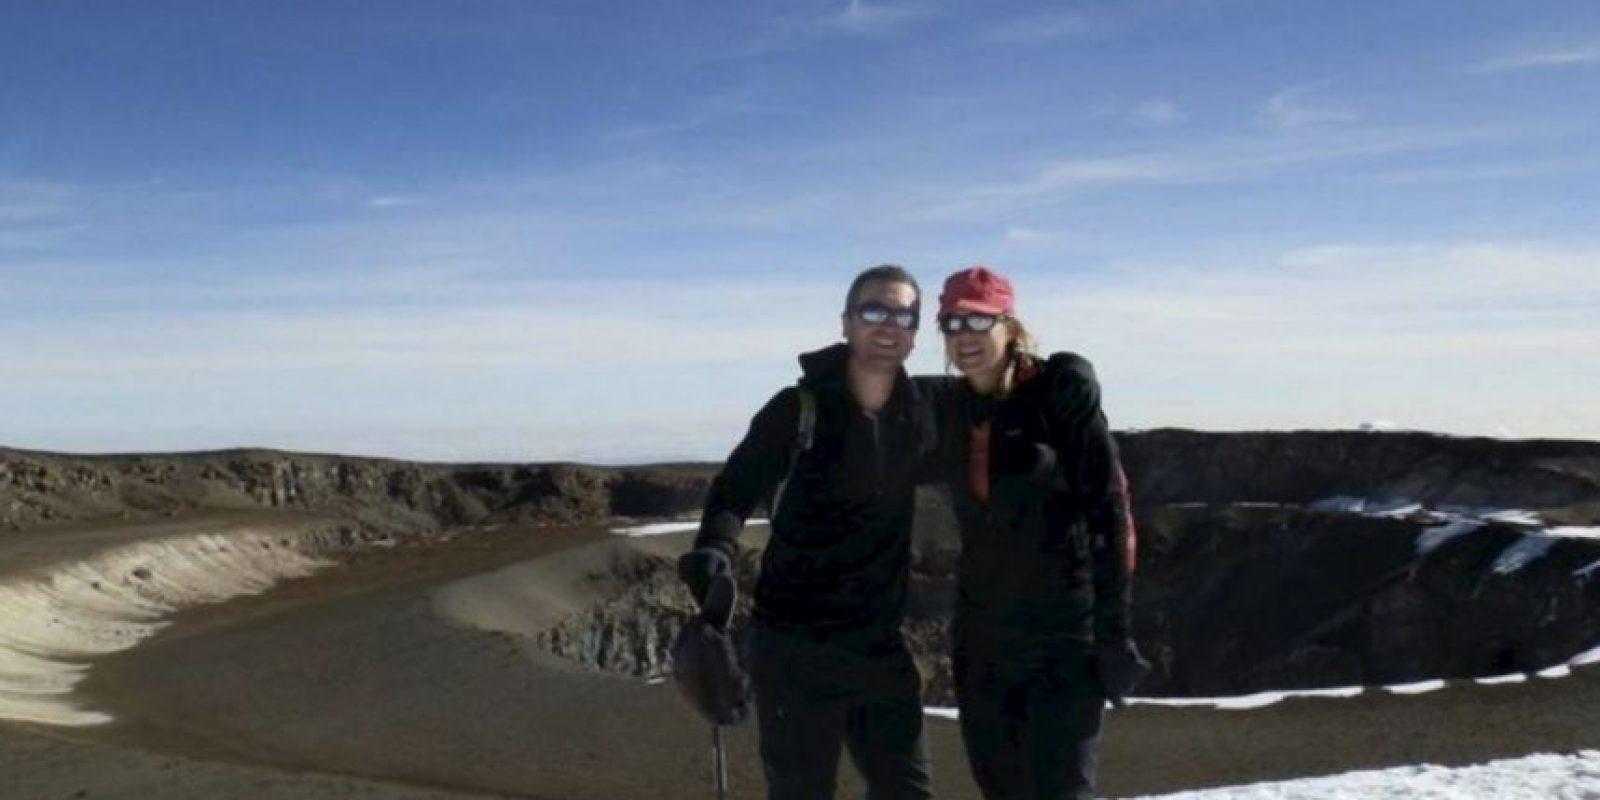 El Everest es la montaña más alta del planeta Foto:Facebook/marisa.strydom.10